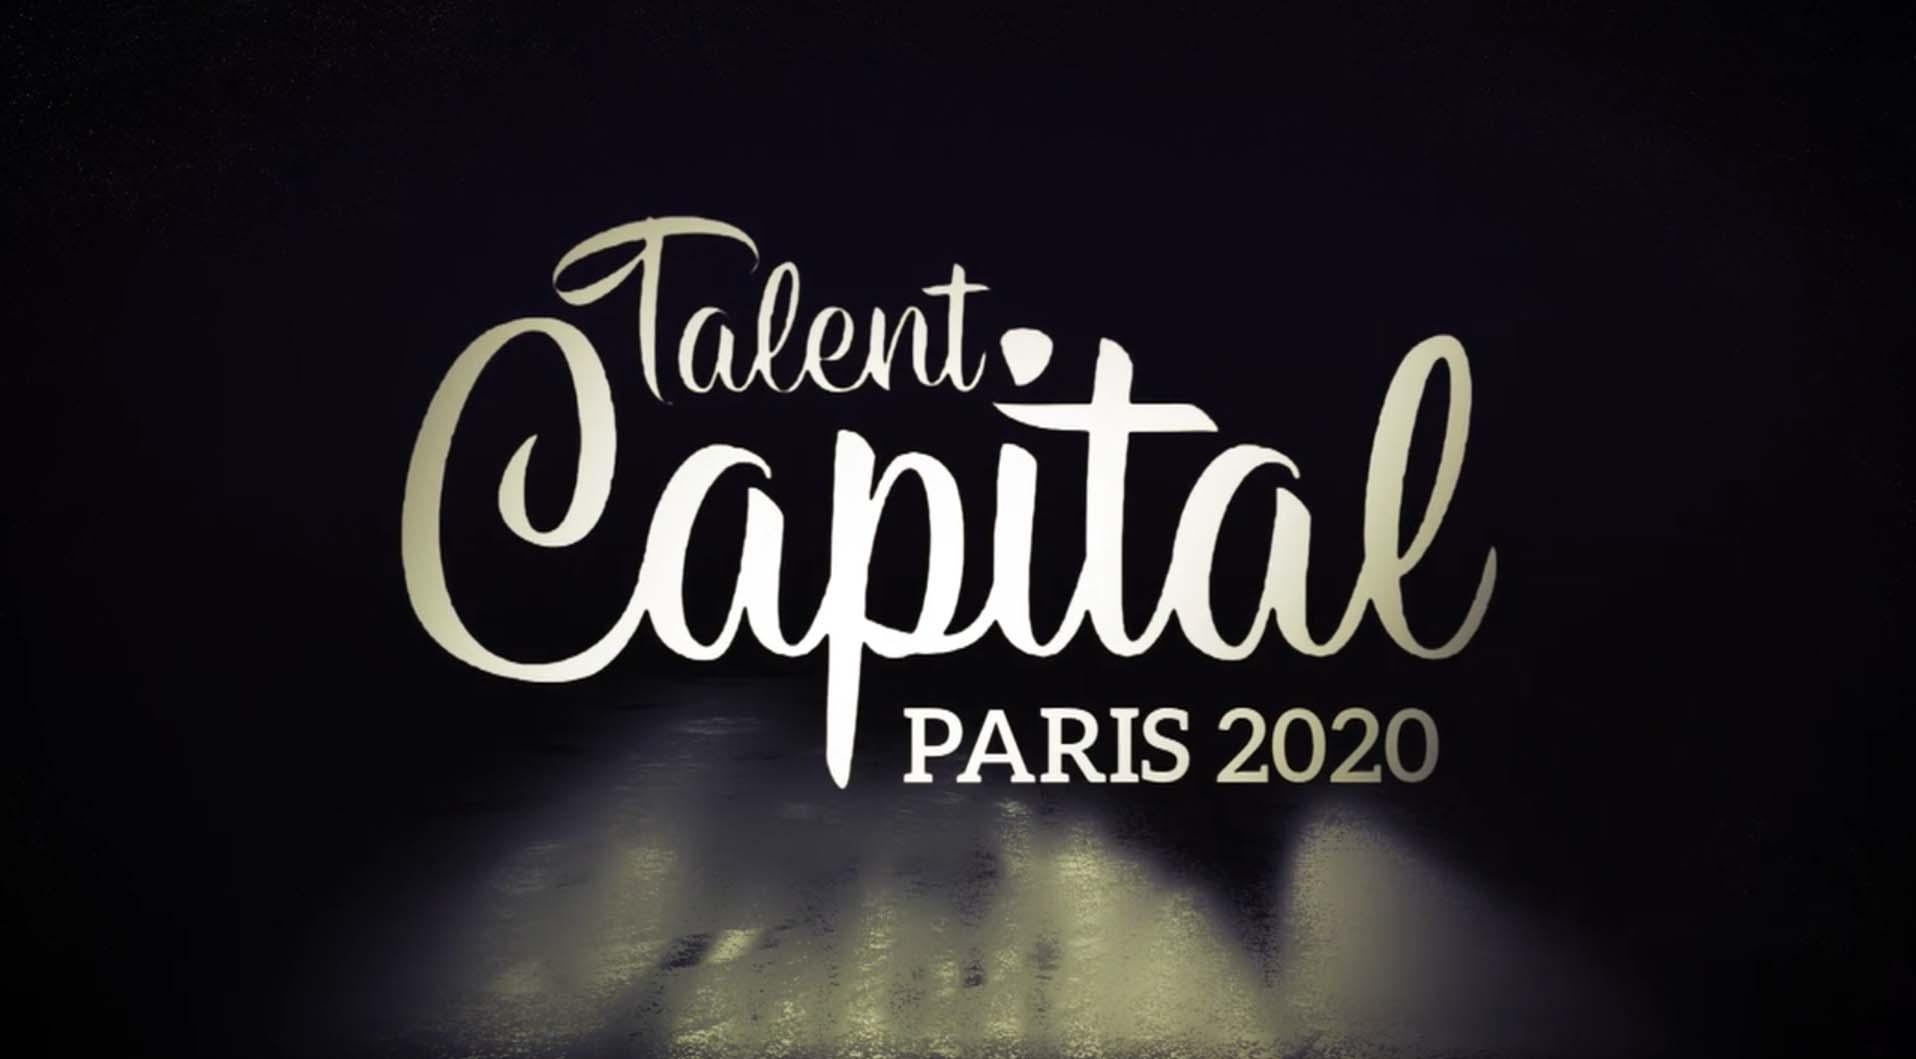 Talent Capital - Captation d'événement